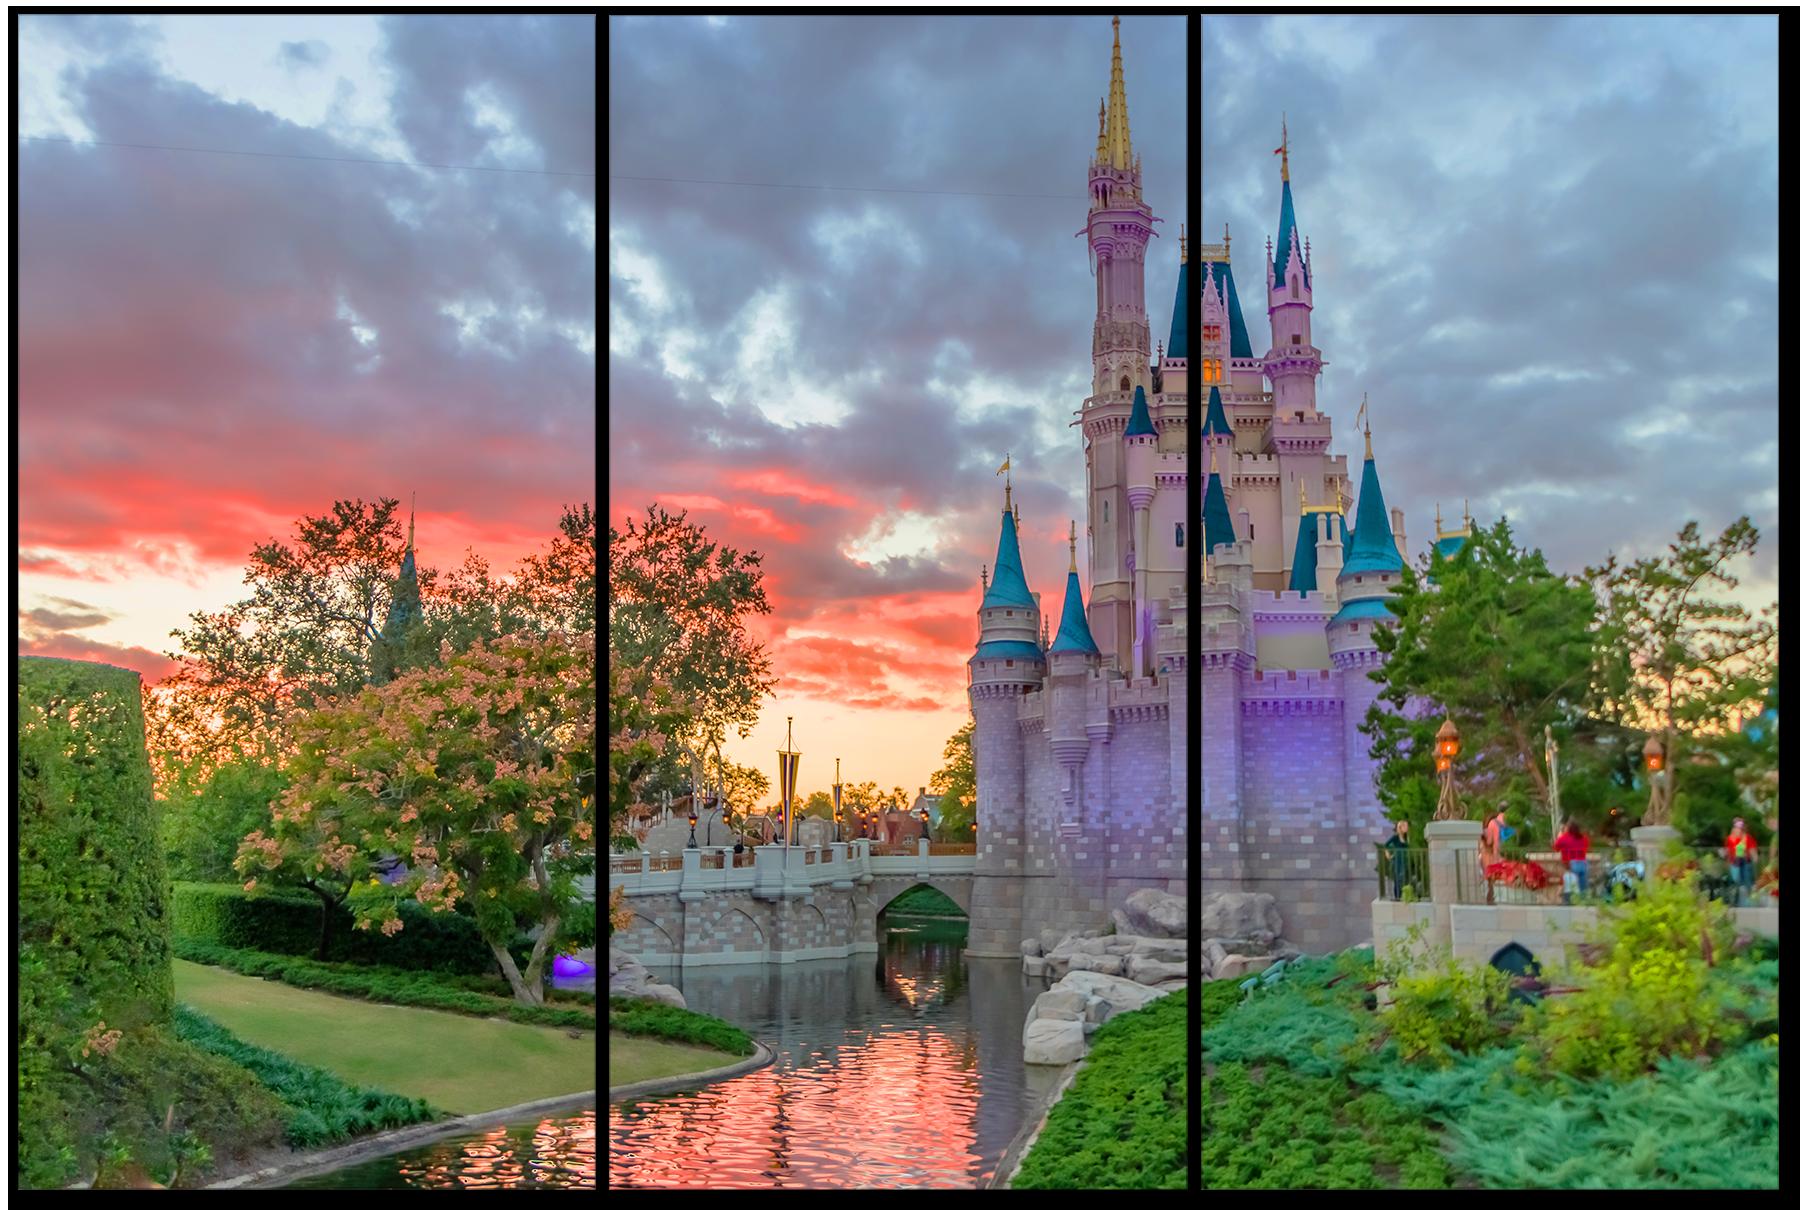 Castle dusk tslgit